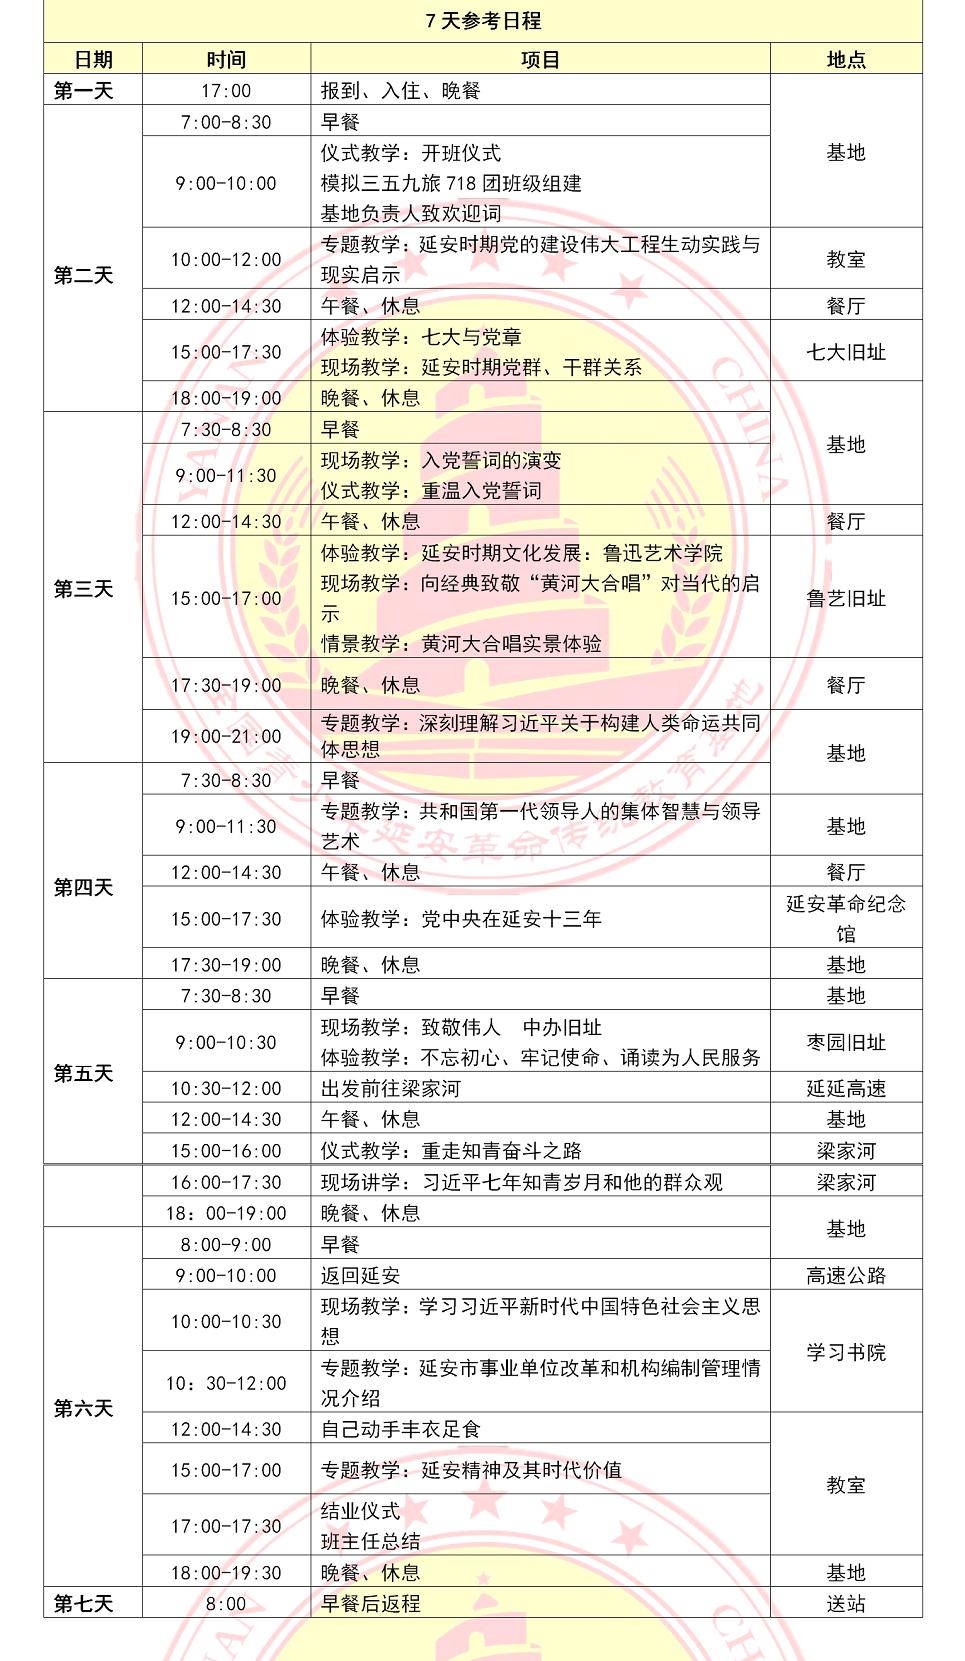 7天参考行程-党性教育.png